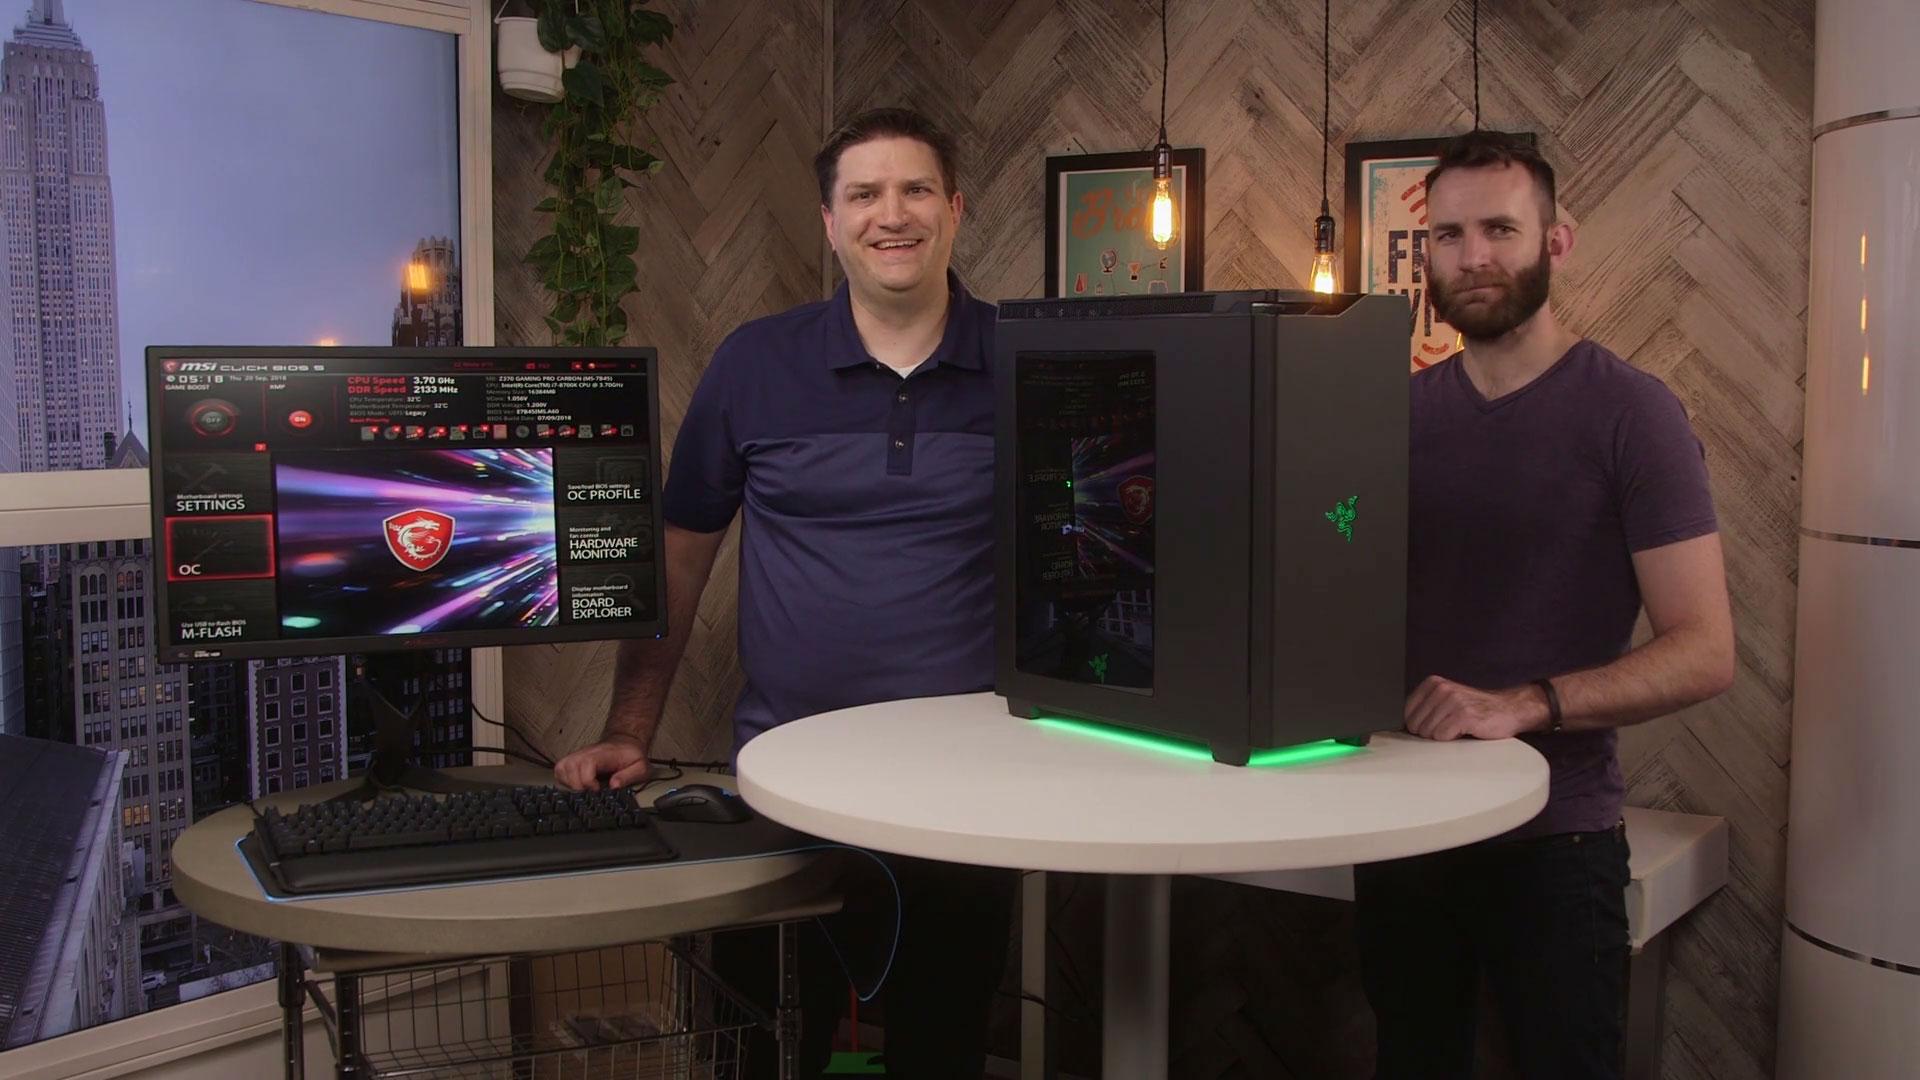 Memilih konsol video game ideal pada tahun 2020